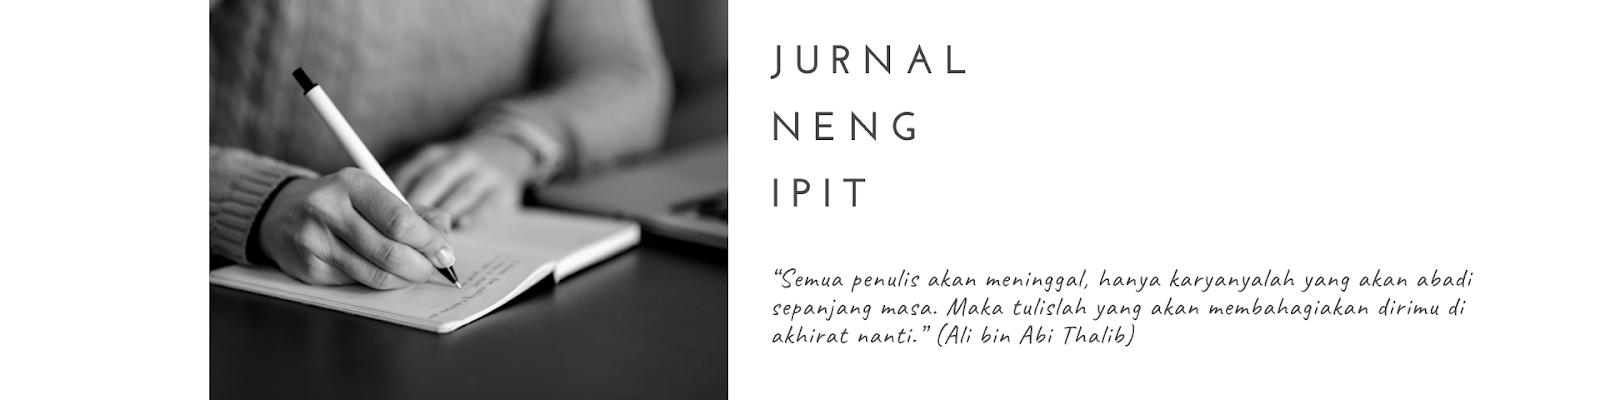 jurnal neng ipit